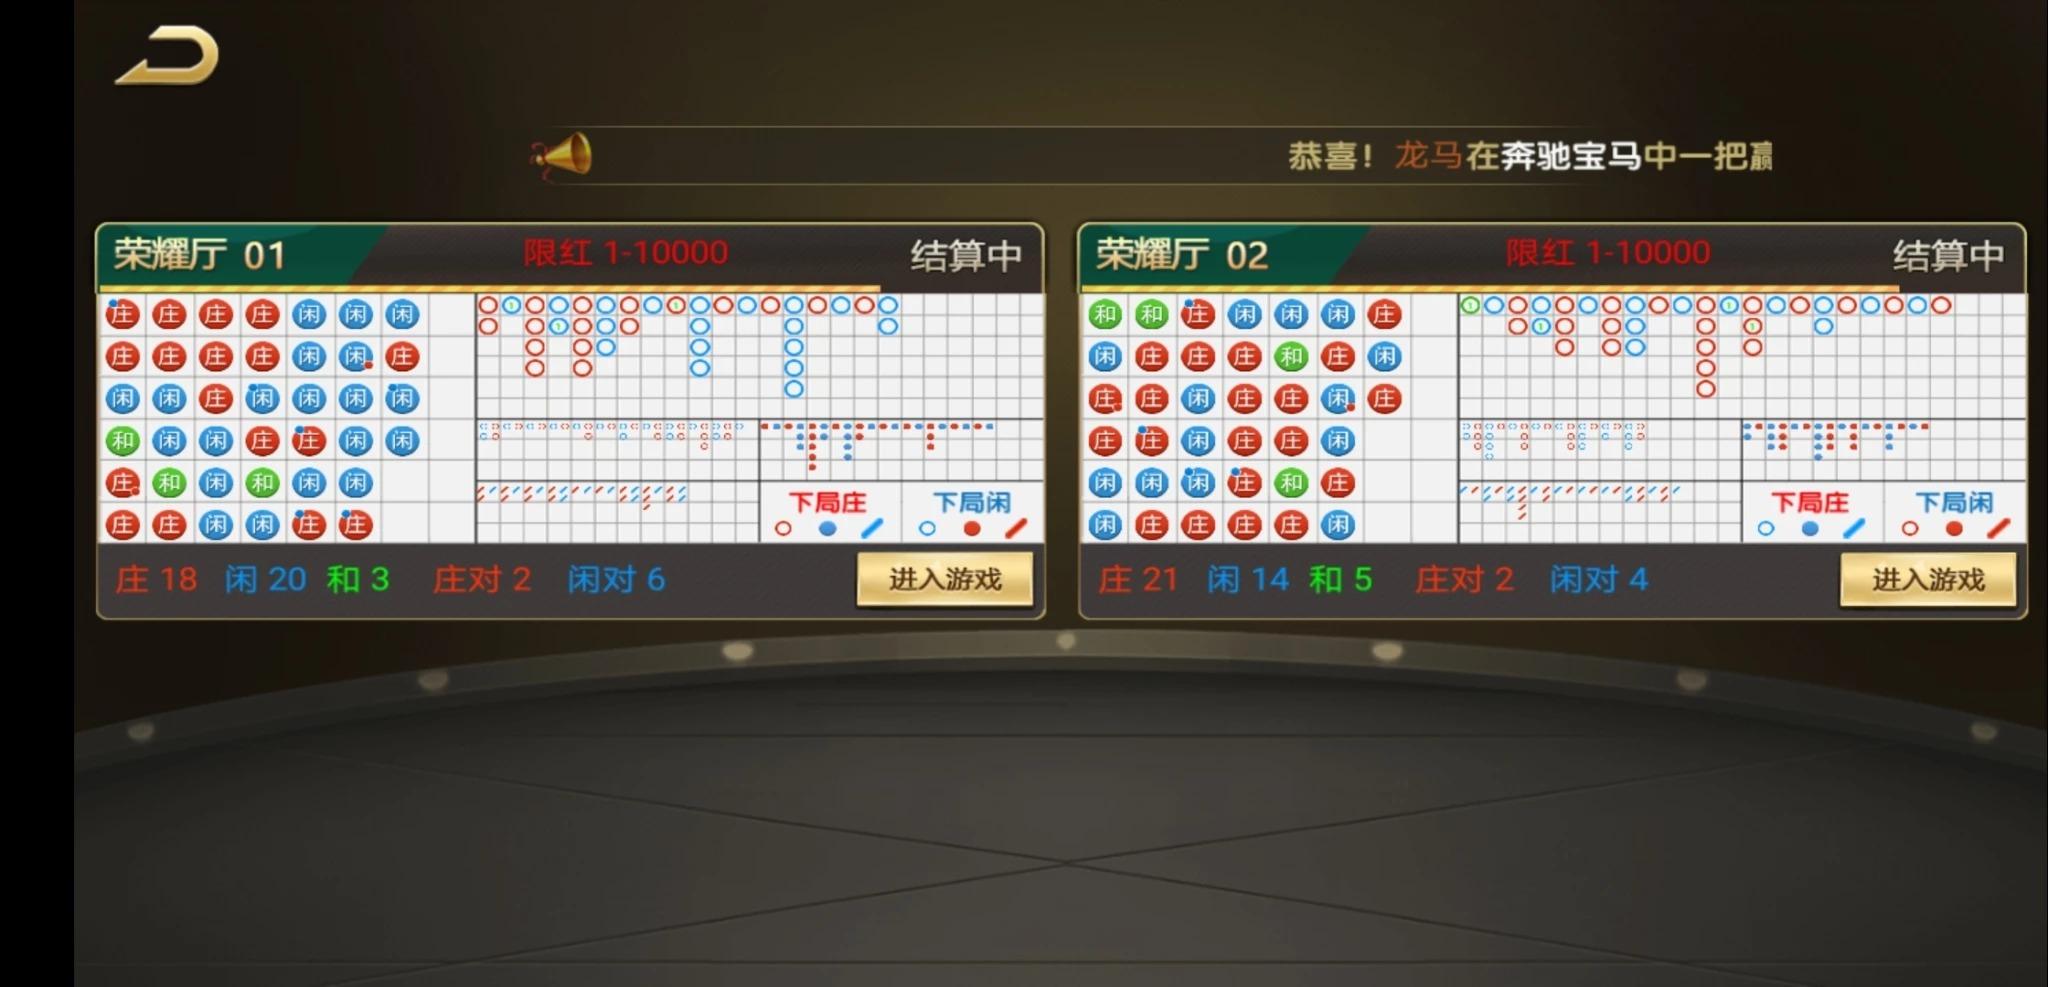 运营新版知己棋牌 途游时代组件 对接免签接口/微星二开/真人接口 附视频搭建教程-第9张